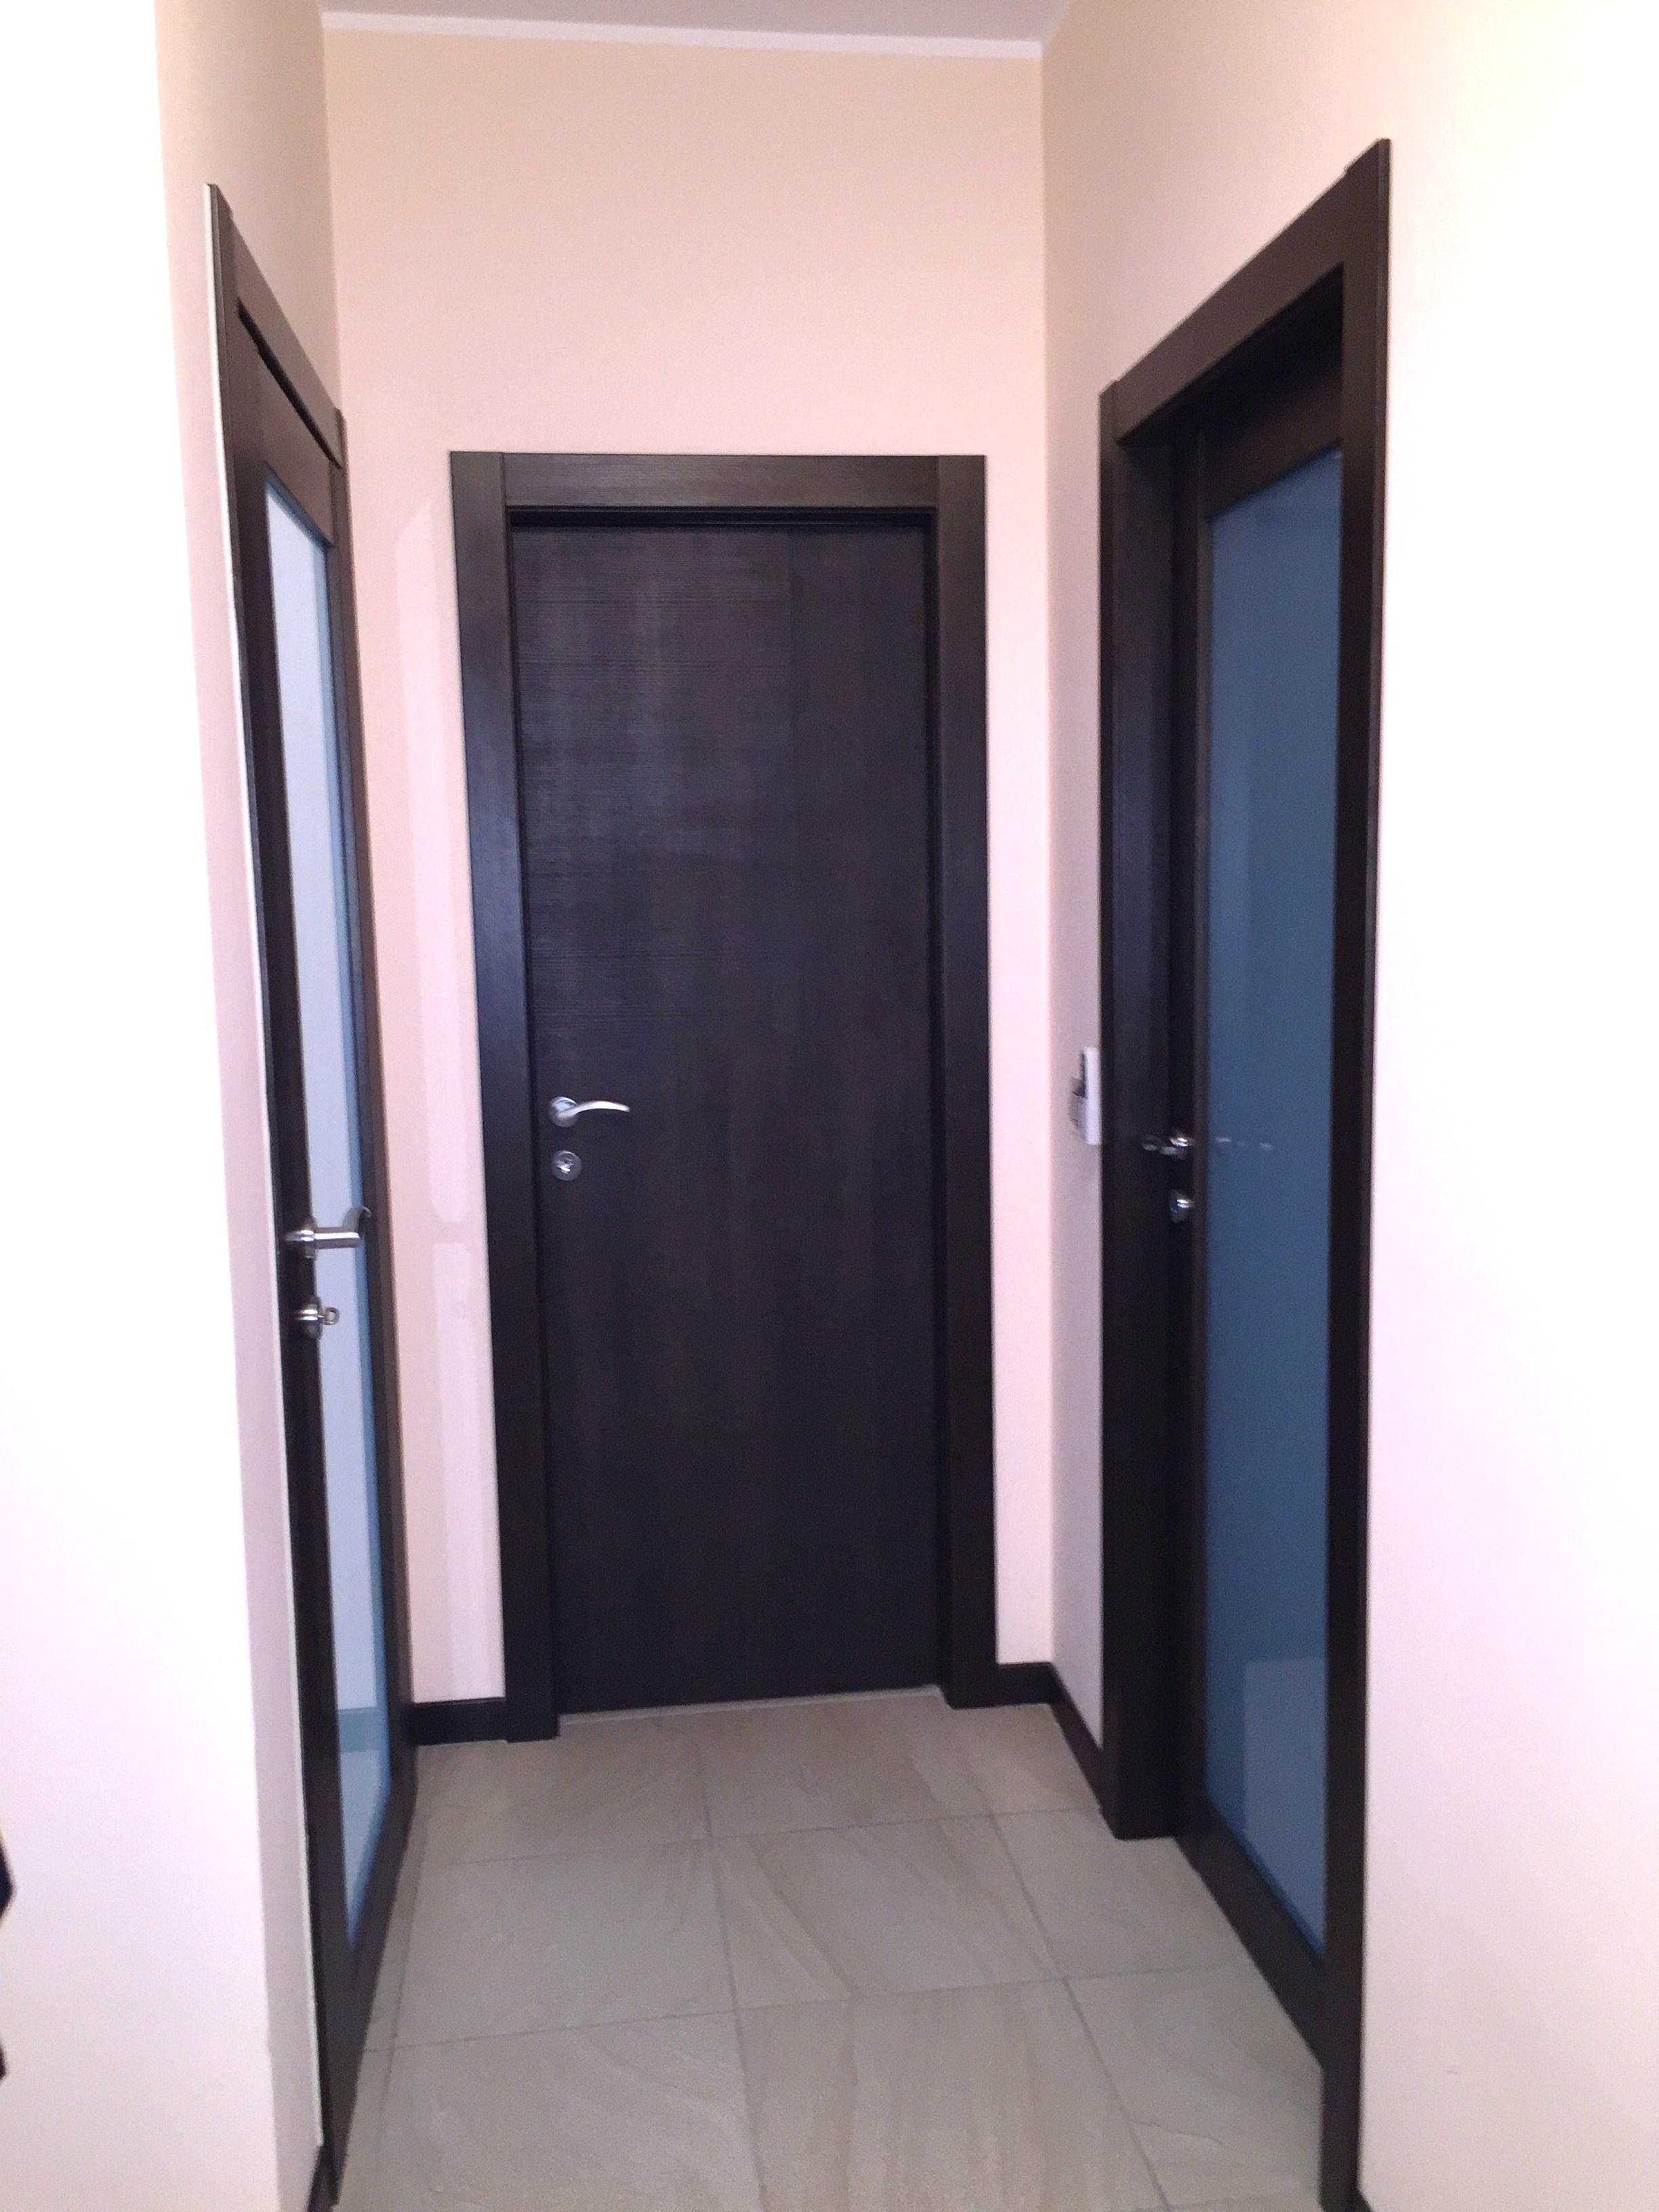 Porte interne in melaminico  con cerniere a scomparsa , serratura magnetica e battente complanare alle cornici.